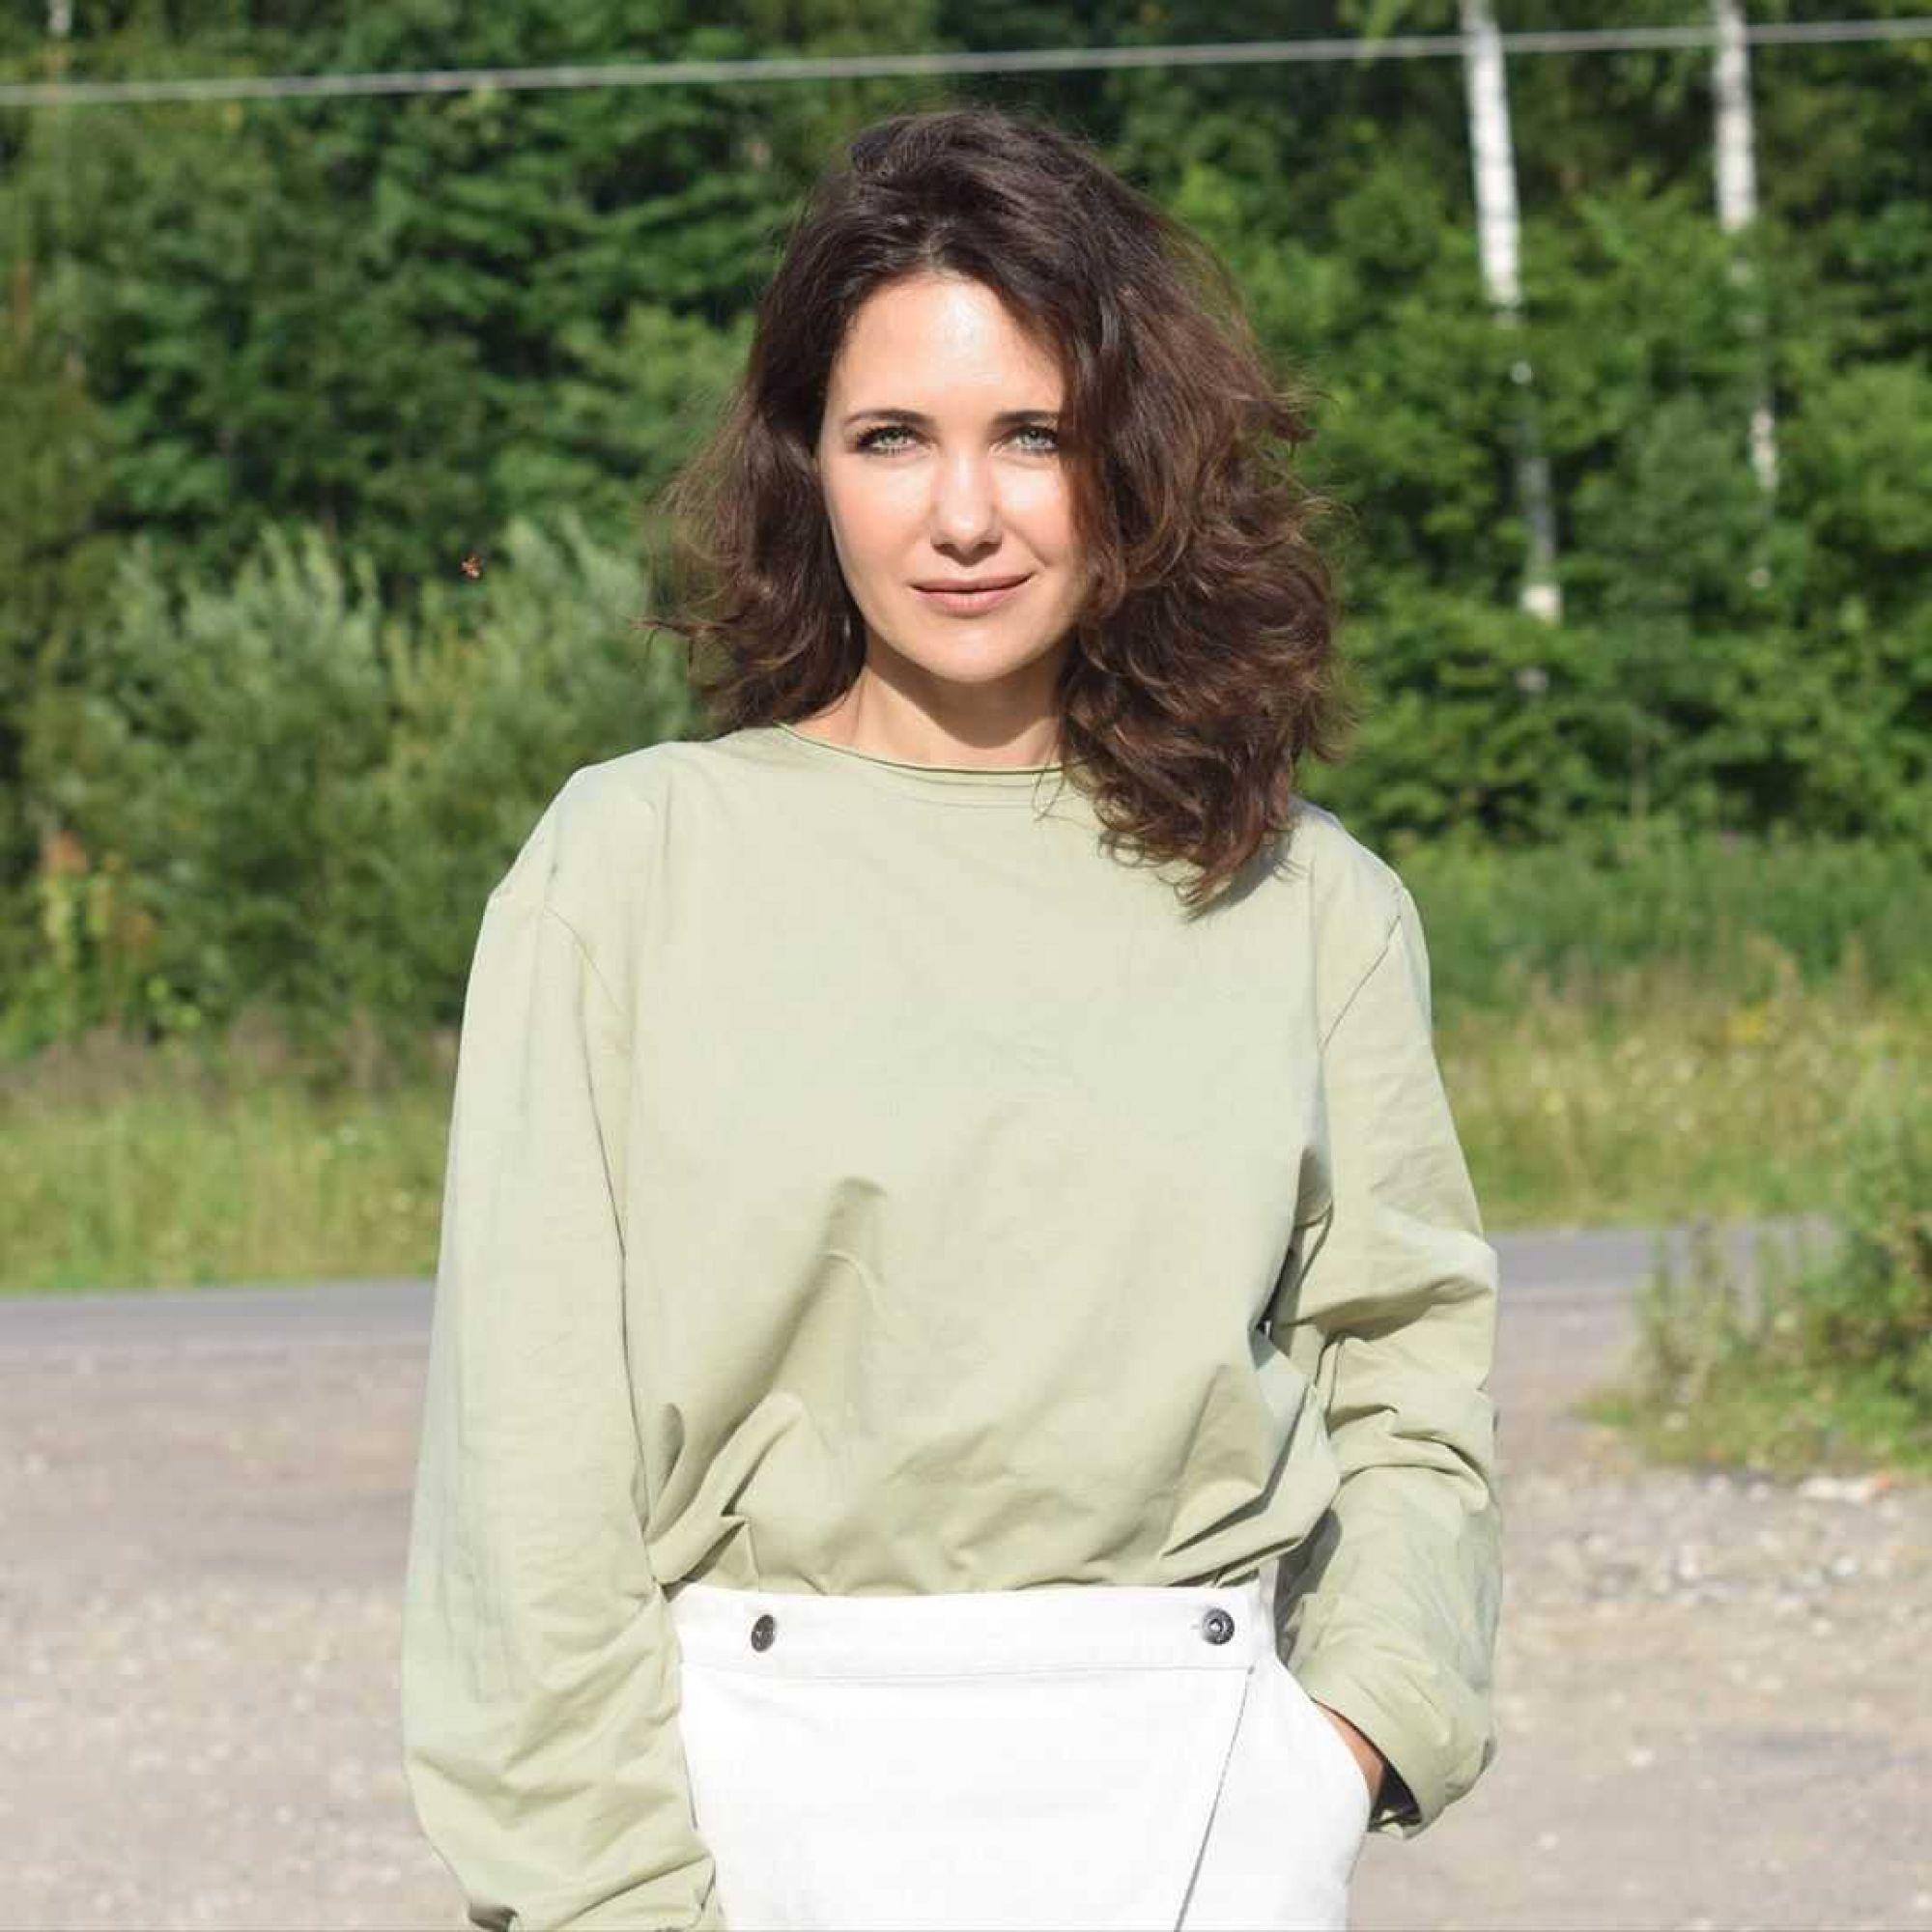 Екатерина Климова обнажила ноги и приняла пикантную позу ради фотосессии